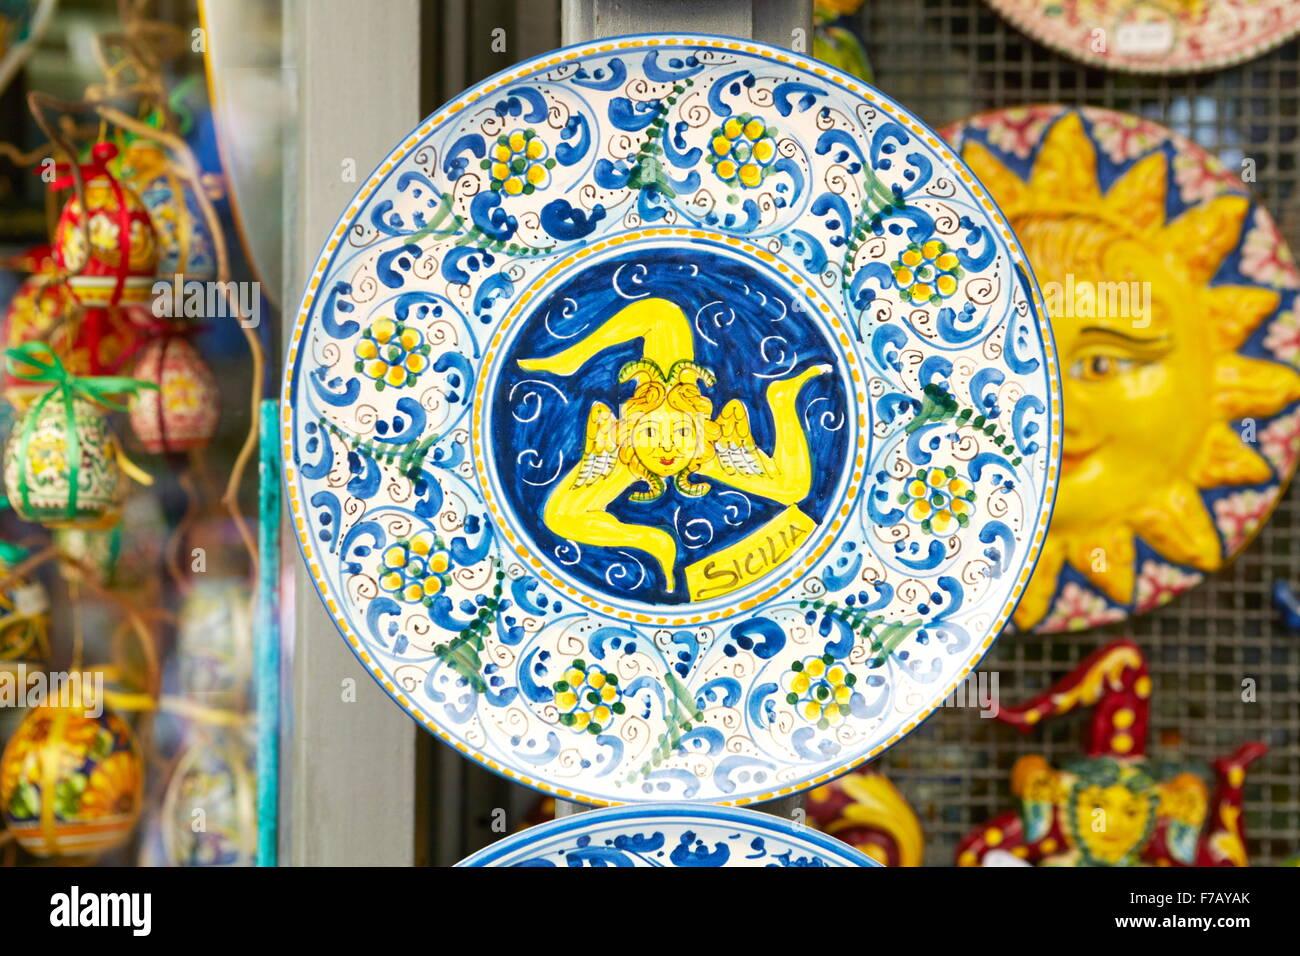 Ein Trinacria, gestrichenes uraltes Symbol oder Wappen von Sizilien, traditionelle Souvenire Keramikplatte, Taormina, Stockbild